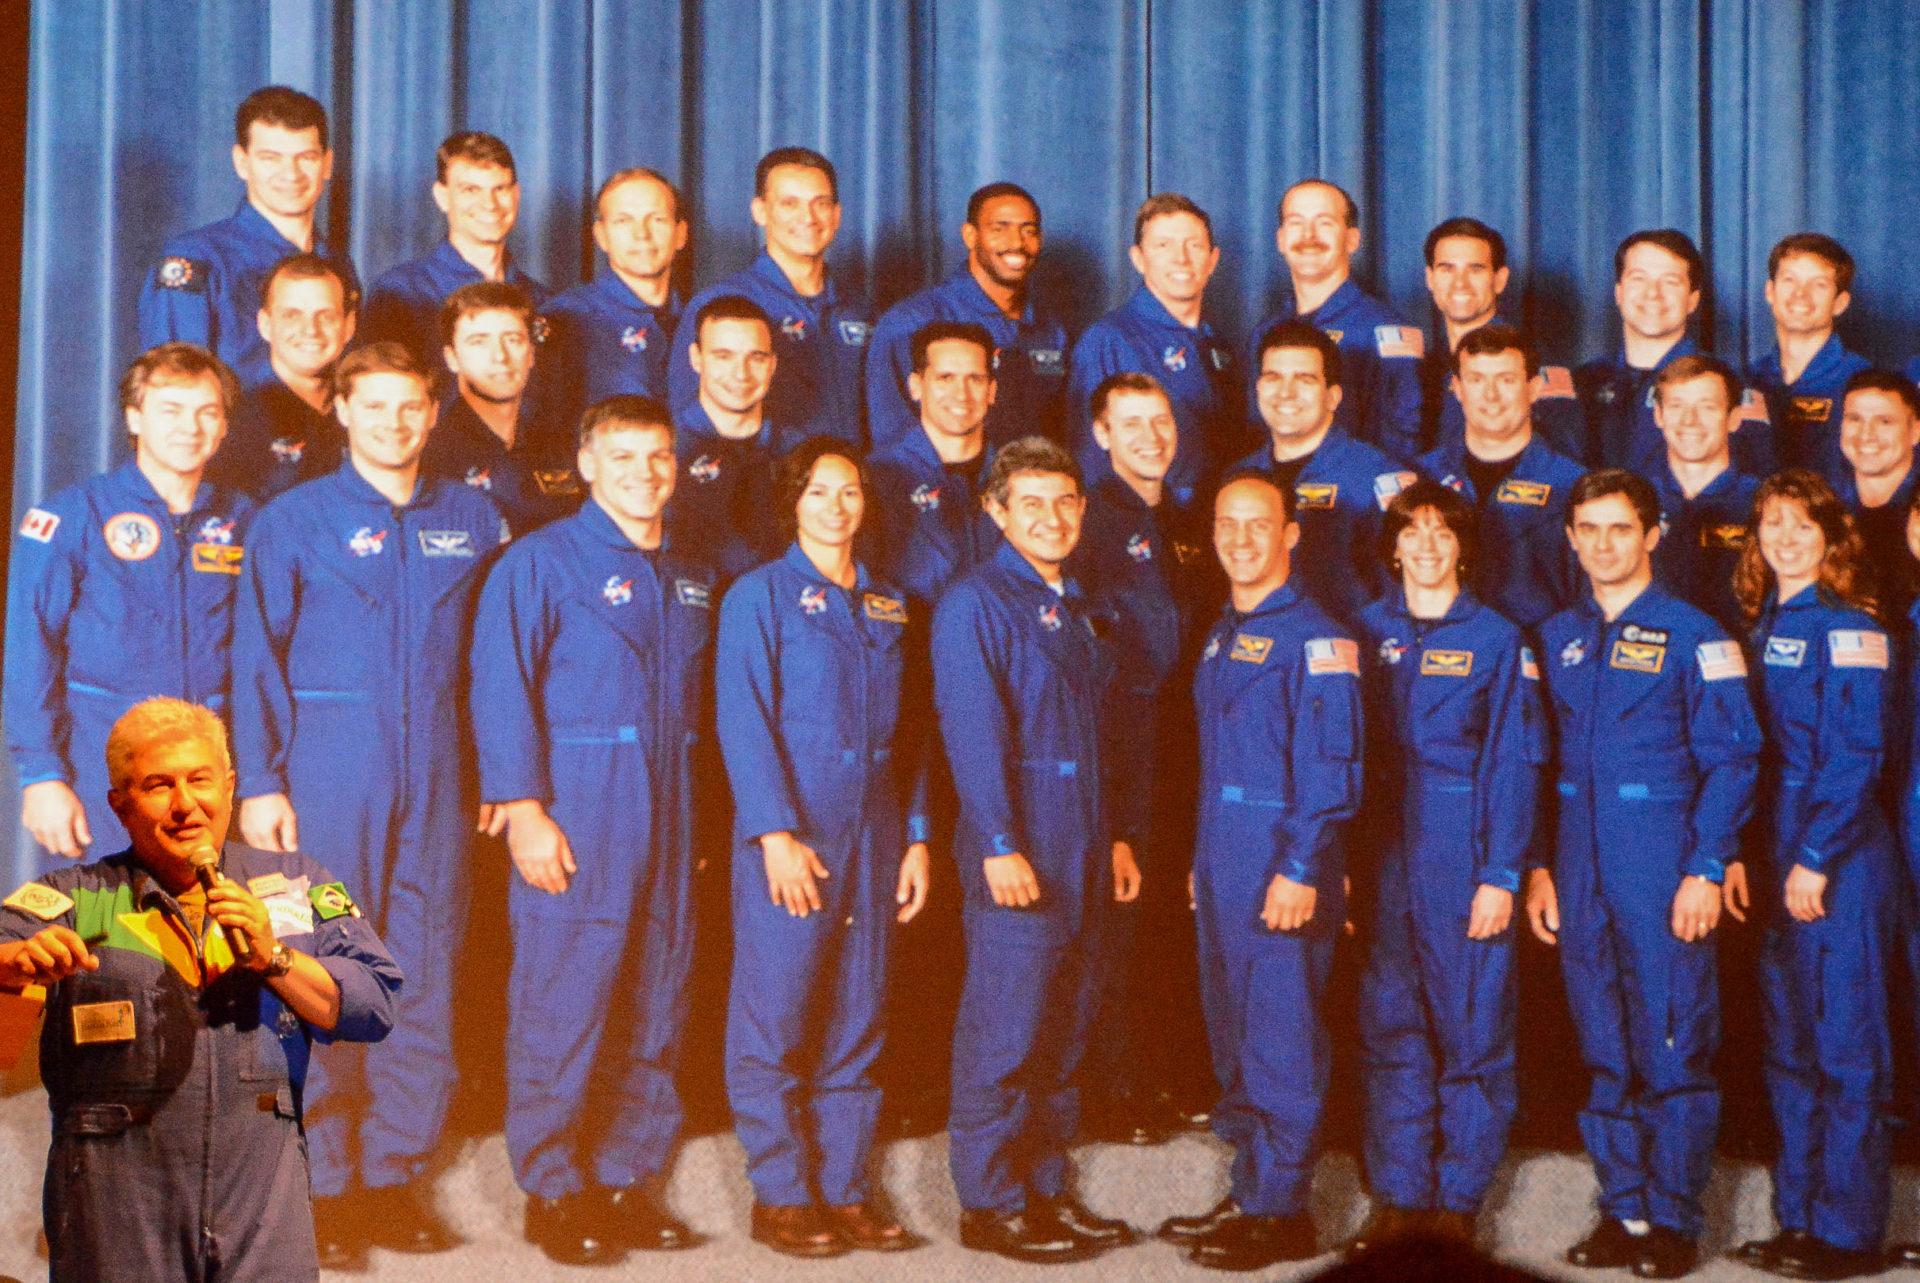 Gruppenbild der NASA-Astronauten auf Cape Canaveral